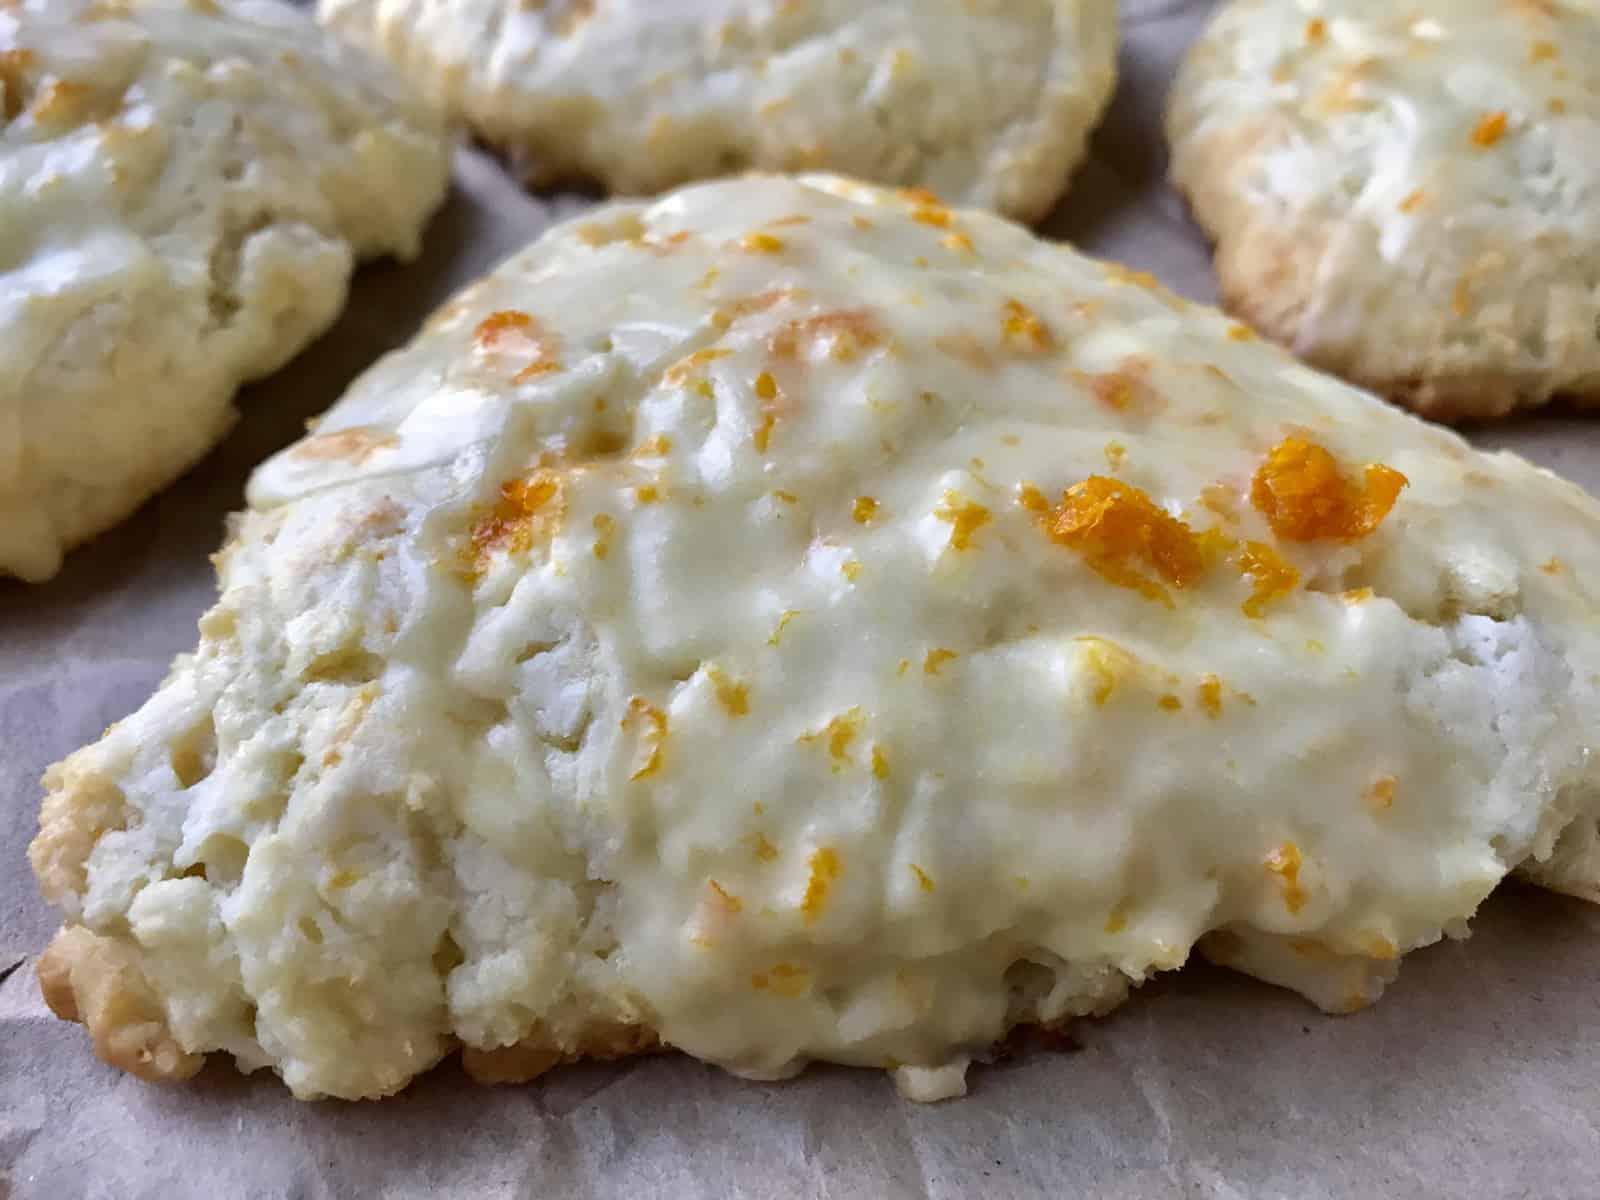 close up of orange scone